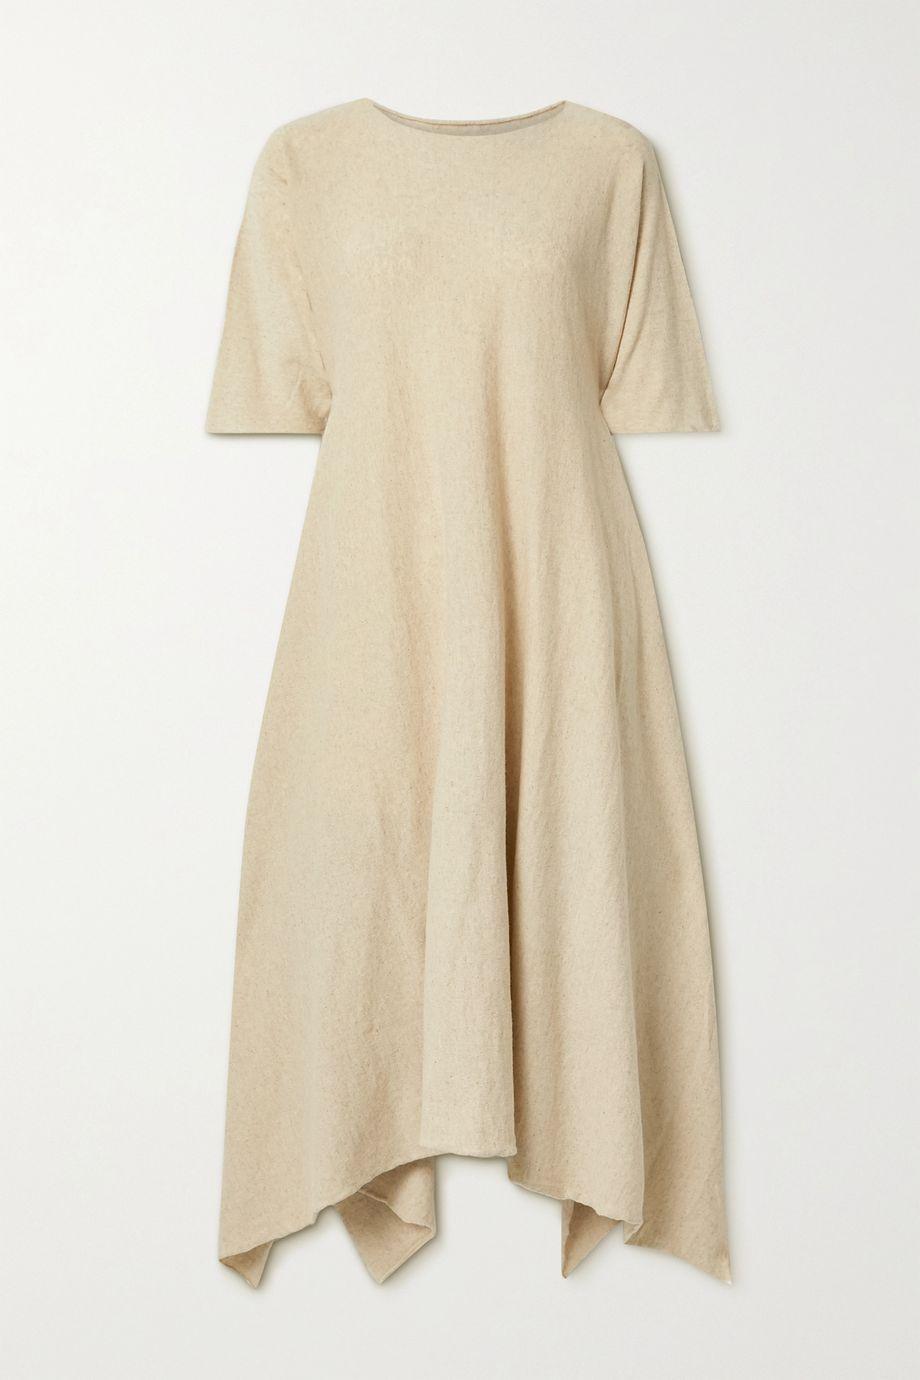 Lauren Manoogian Plane organic cotton and linen-blend maxi dress